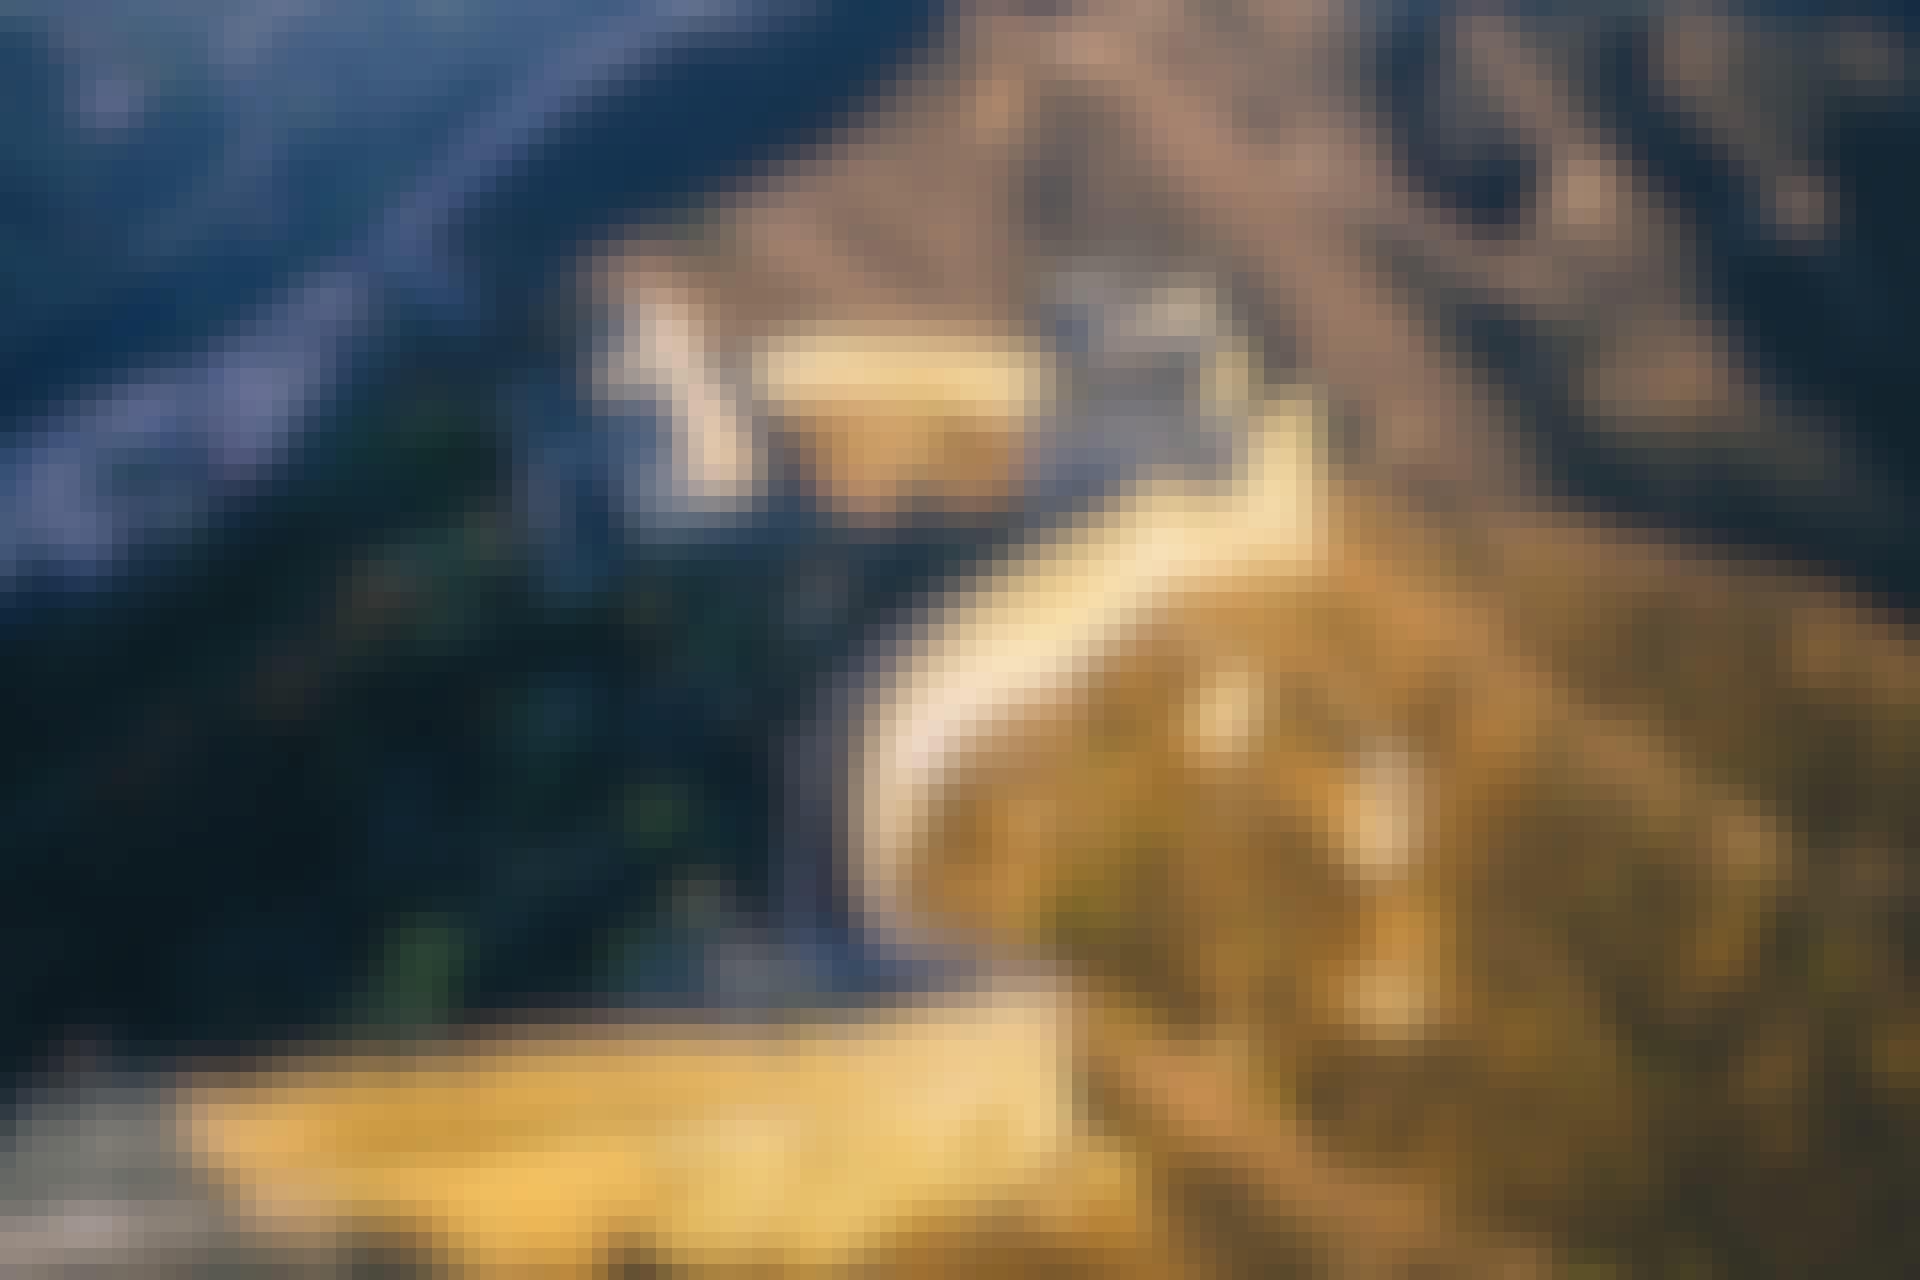 Kiinan muuri rakennettiin pitämään mongolit loitolla